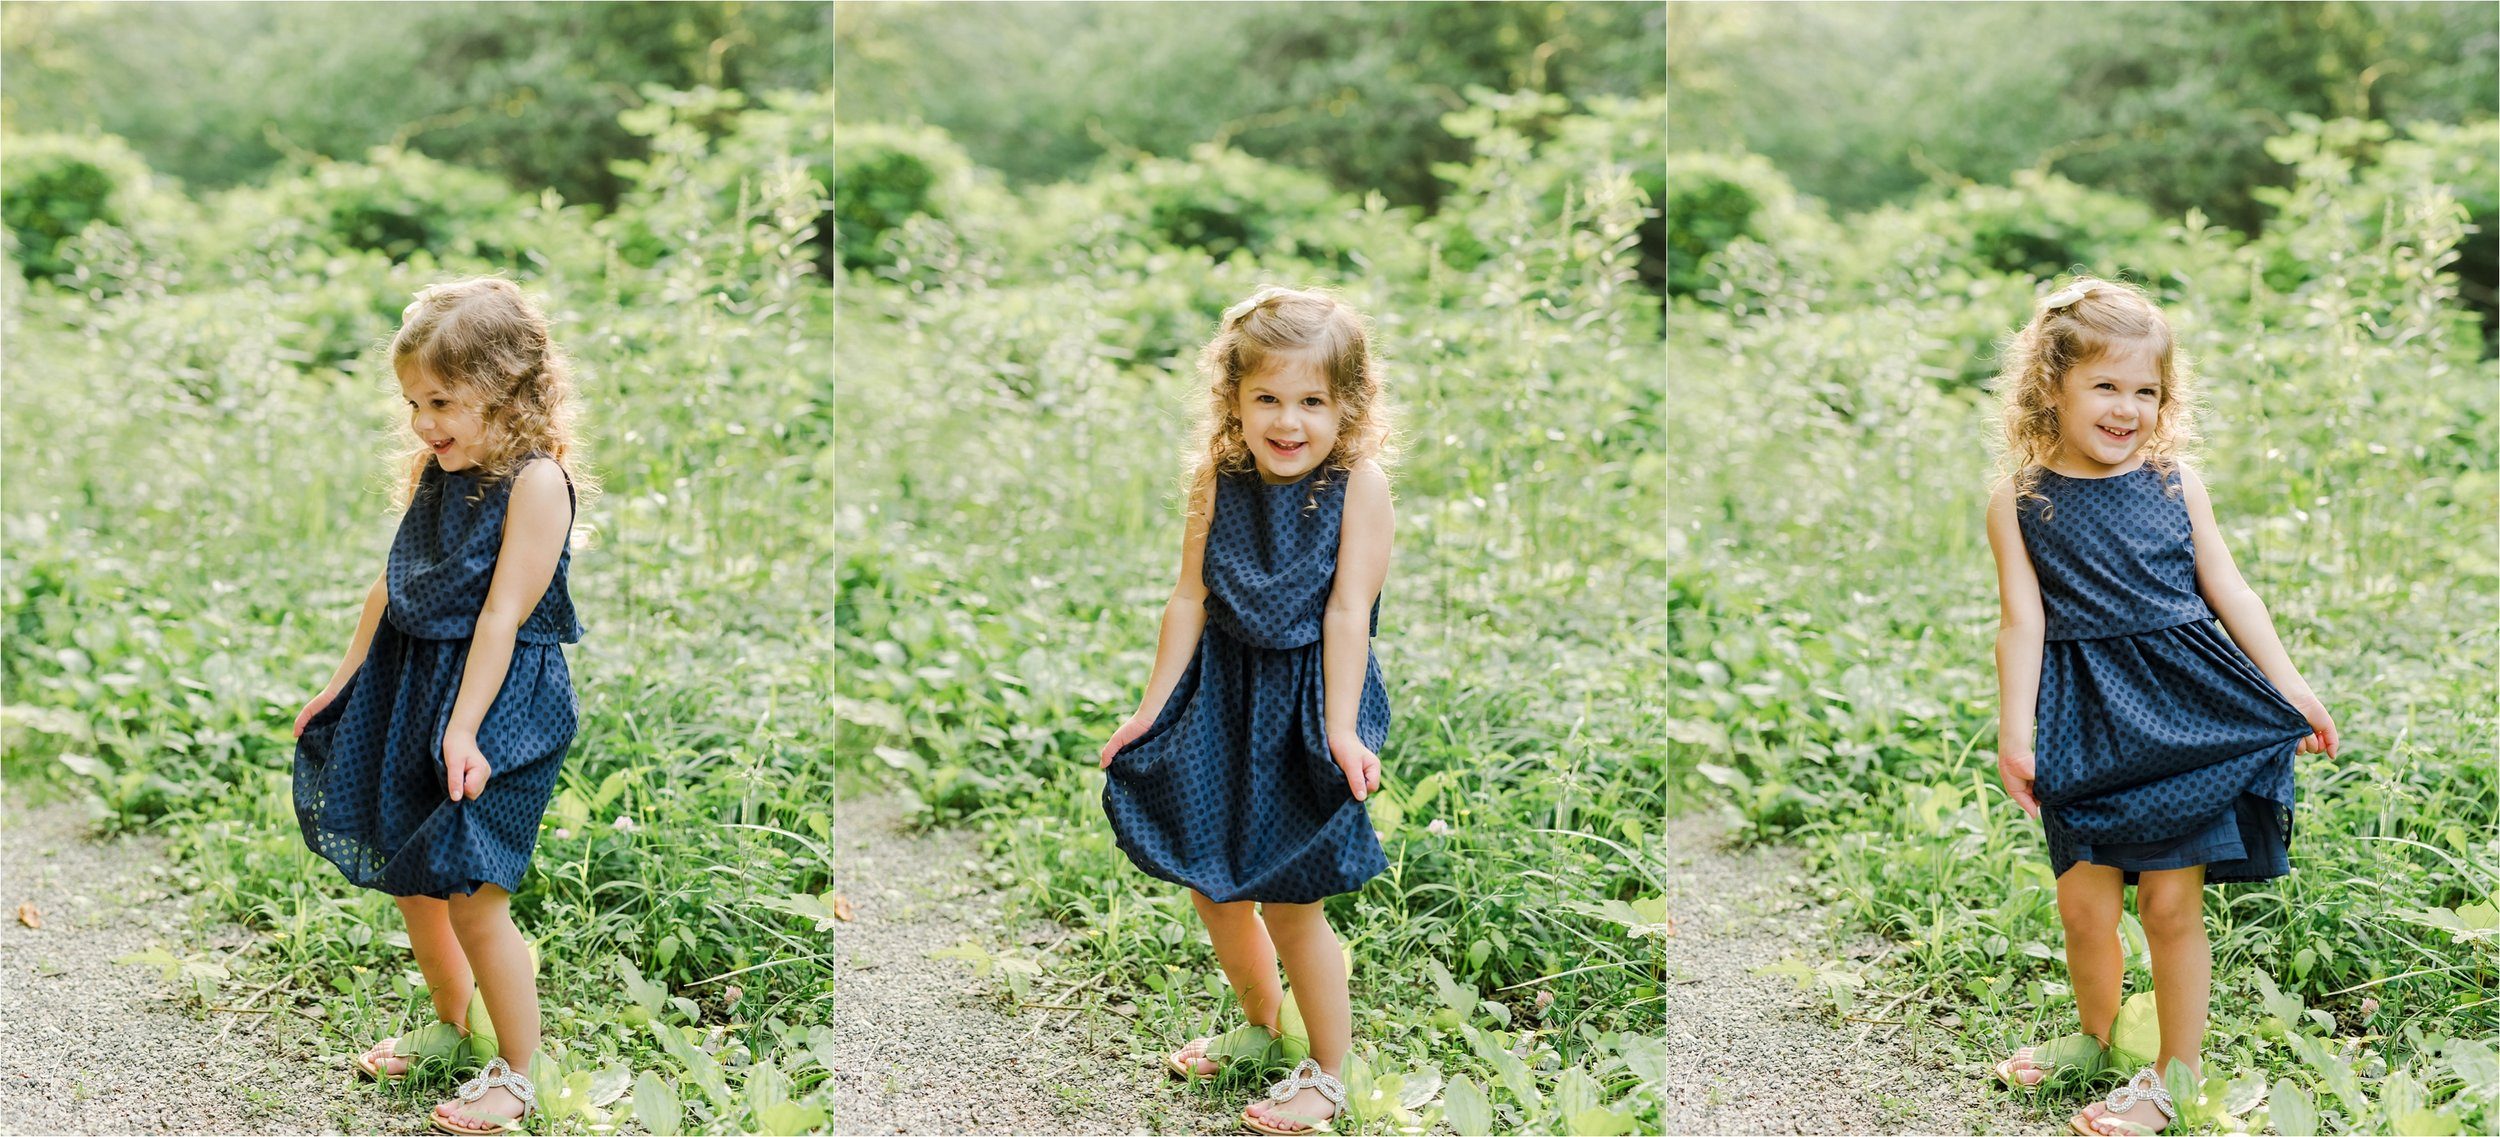 Rachel-Bond-Birmingham-AL-Family-Photographer_0003.jpg